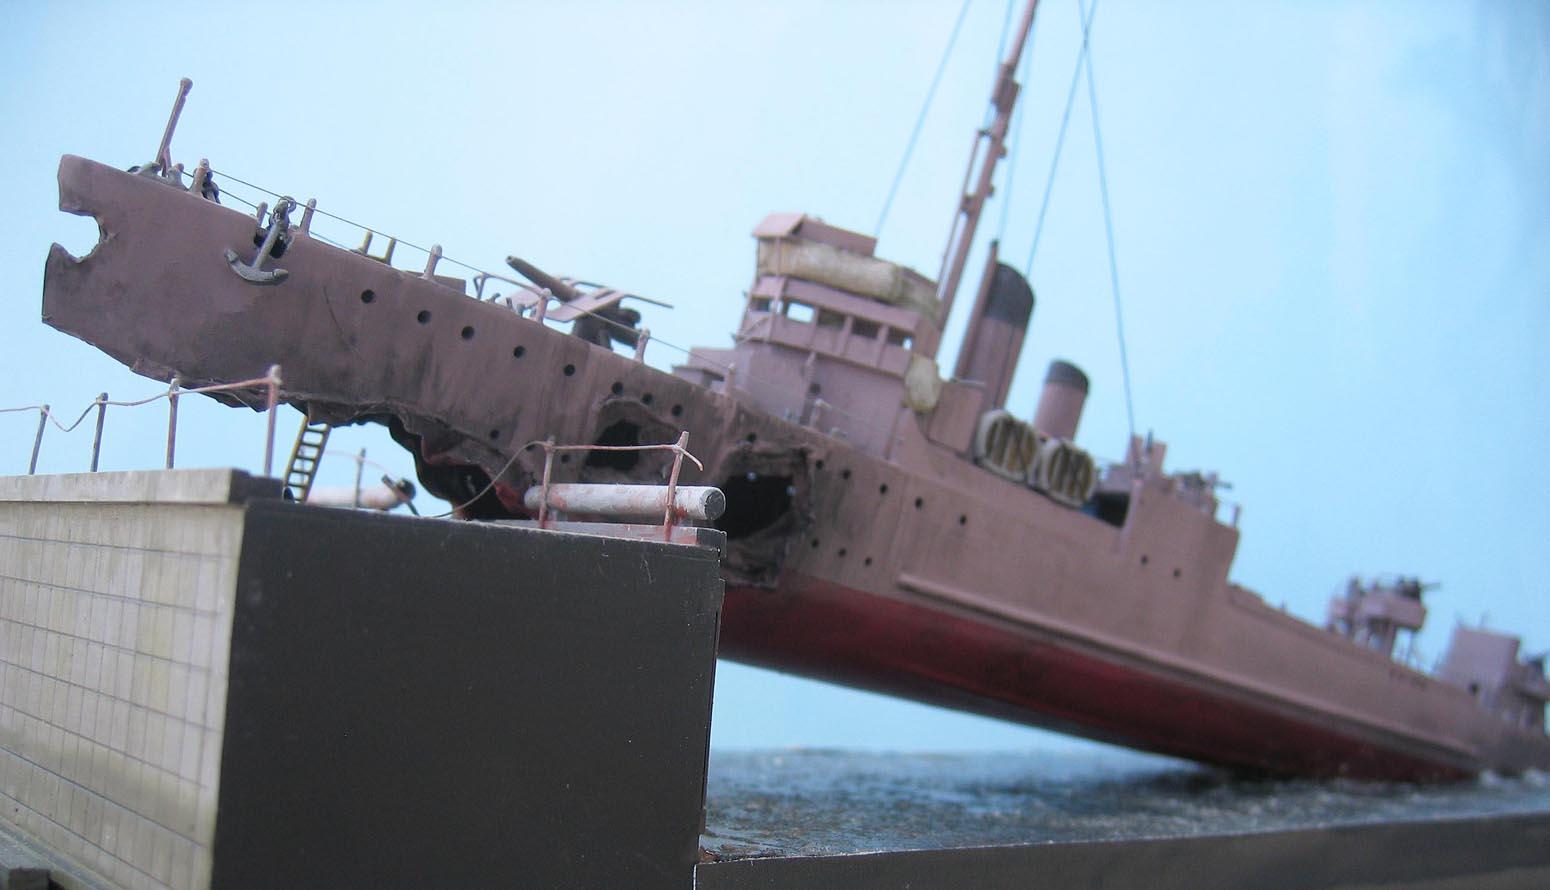 [Revell] Destroyer HMS Campbeltown - 1/240. 255259Campbel57